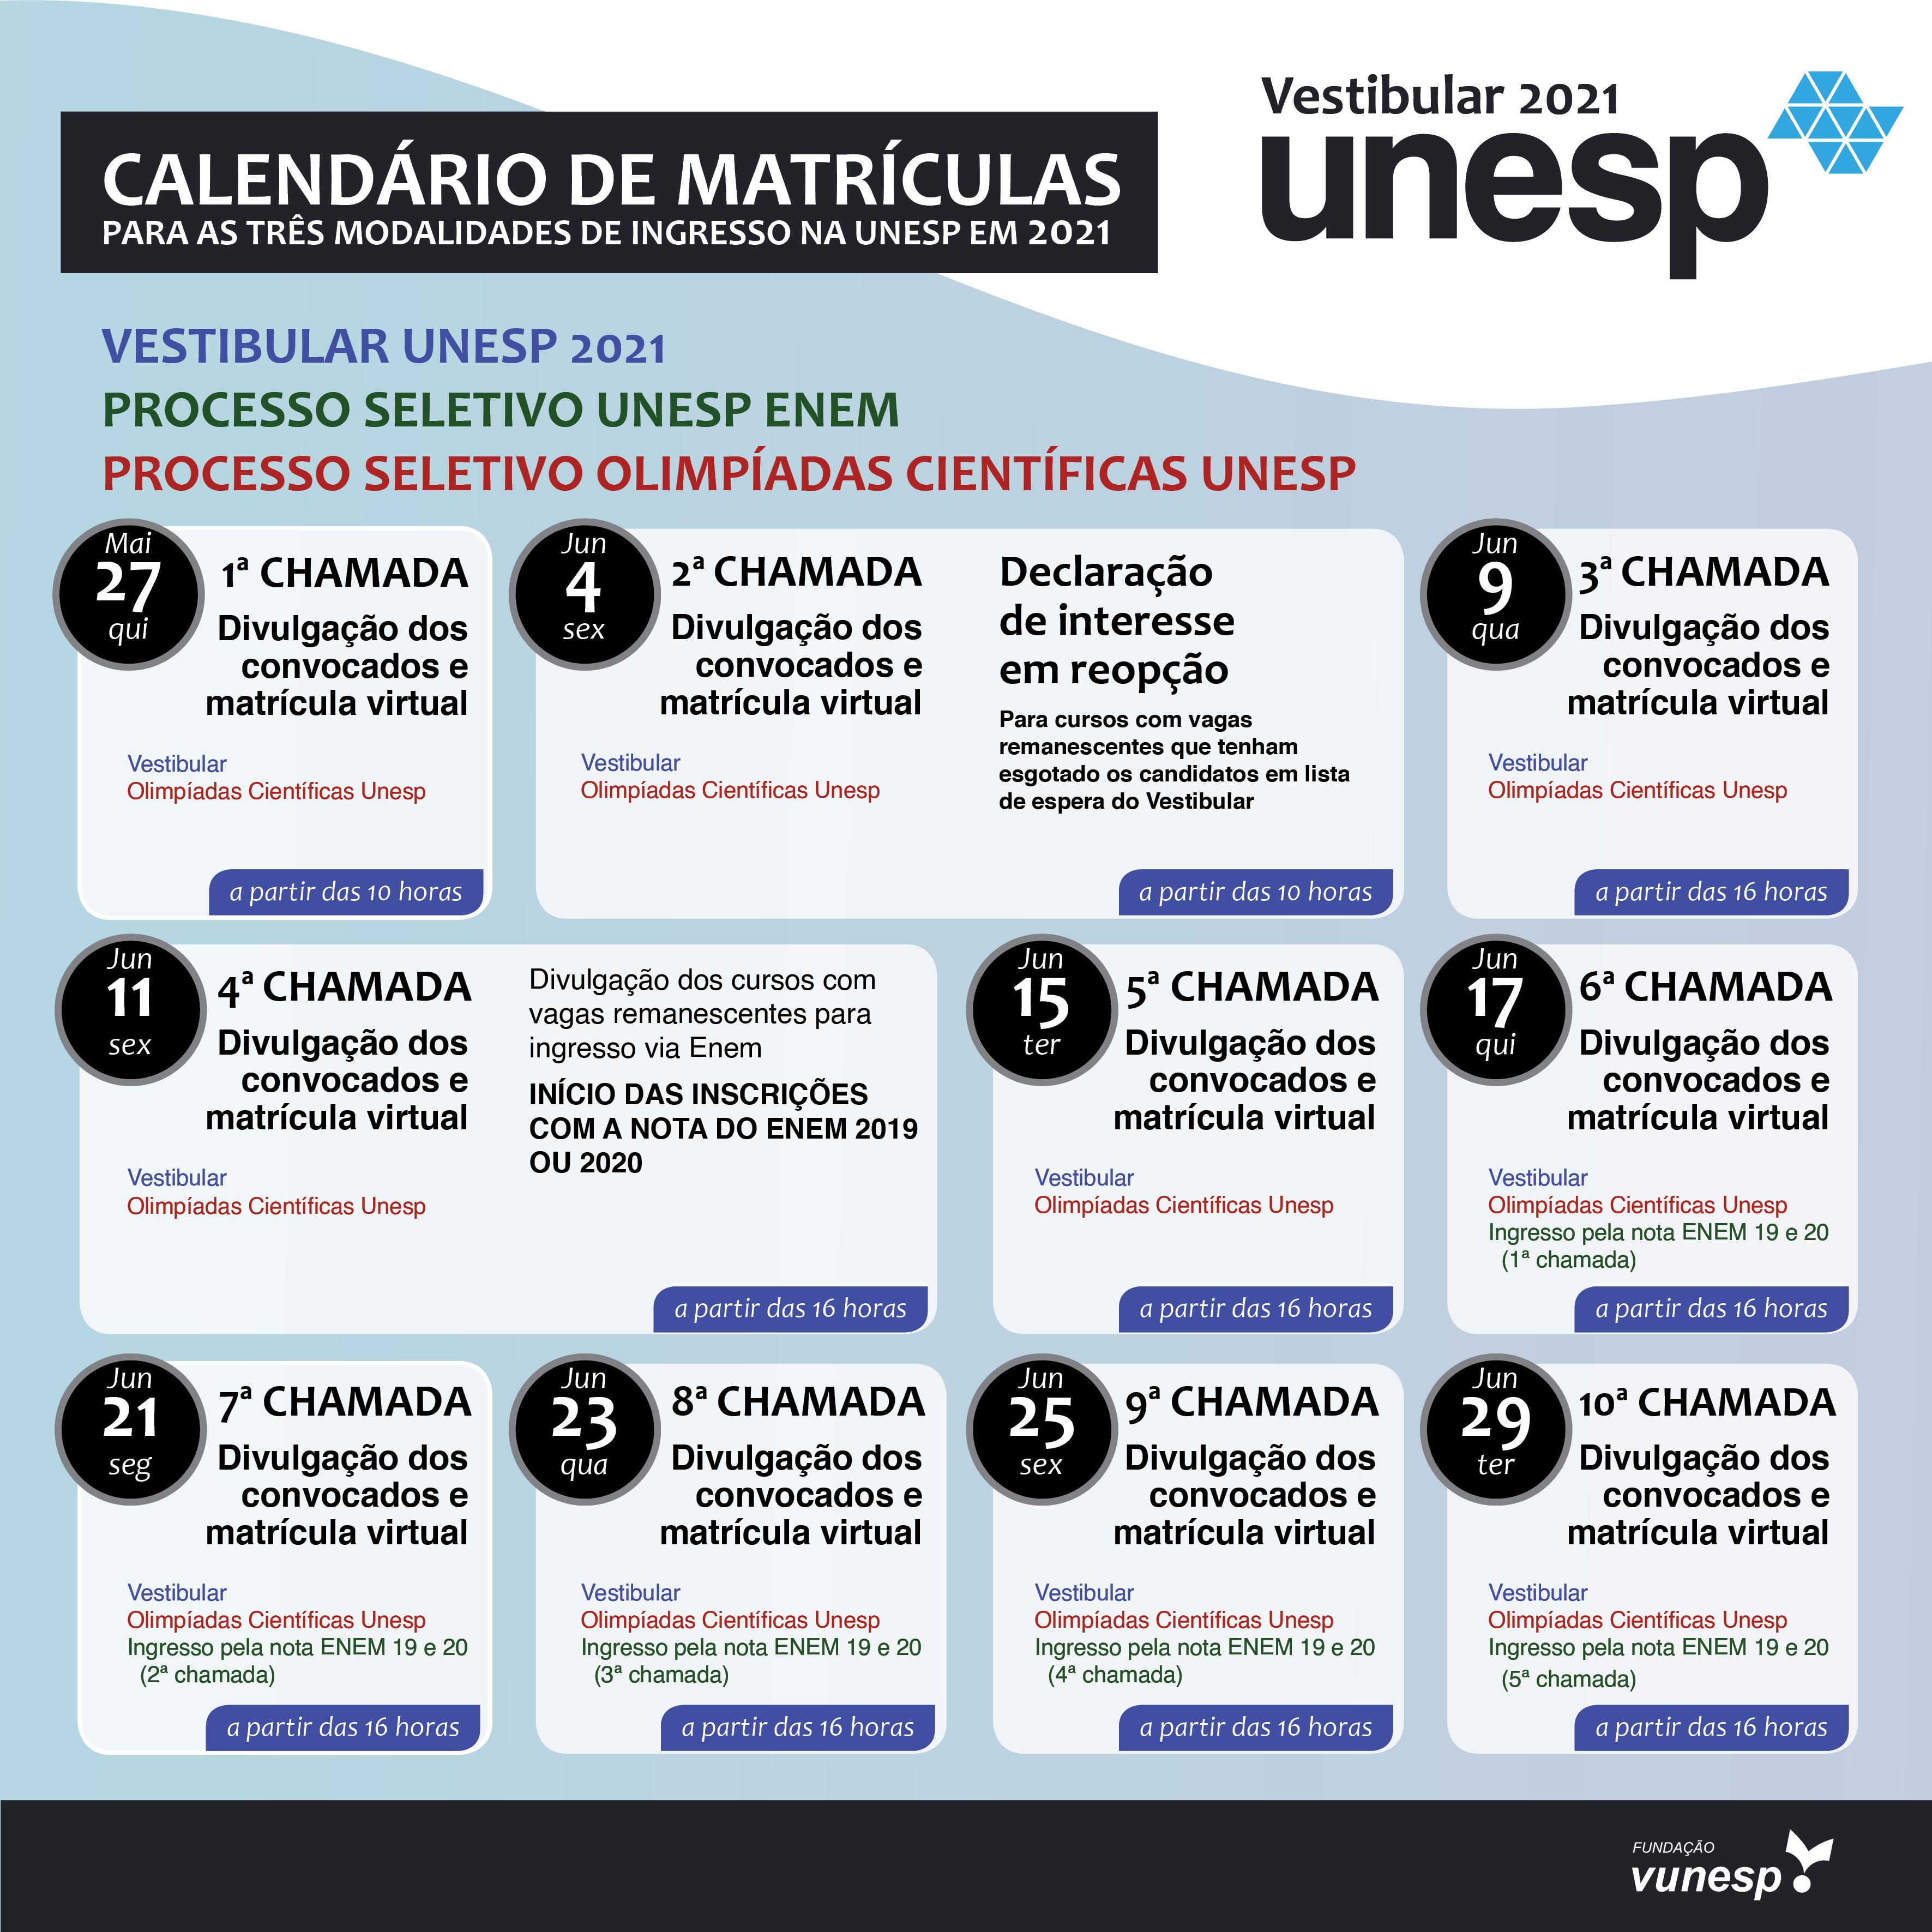 calendariocalourosunesp2021.png